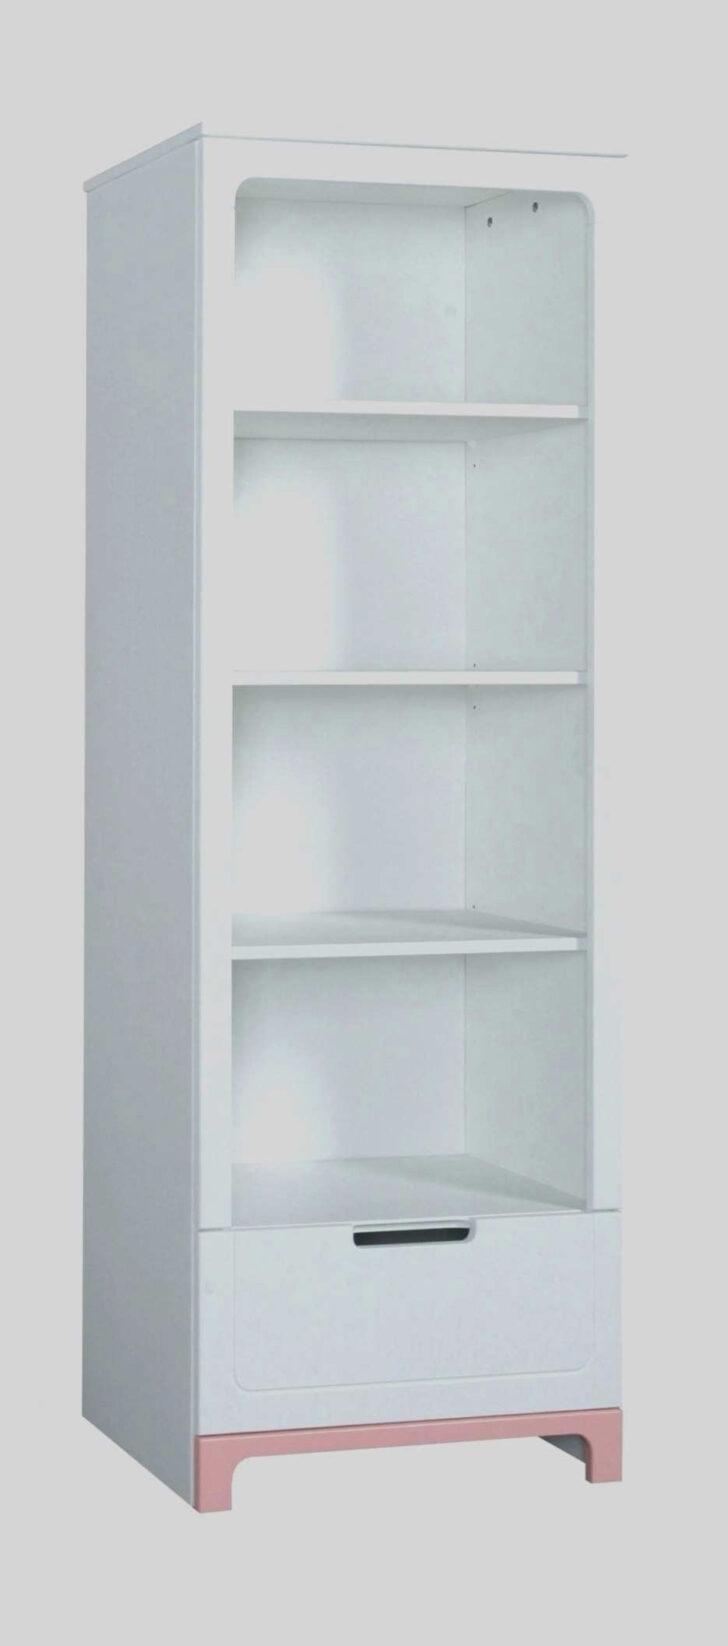 Medium Size of Regale Günstig Regal 30 Tief Komplett Schlafzimmer Roller Nach Maß Set Für Dachschrägen Einbauküche Küche Mit Elektrogeräten Bett Kaufen Günstige Sofa Regal Regale Günstig